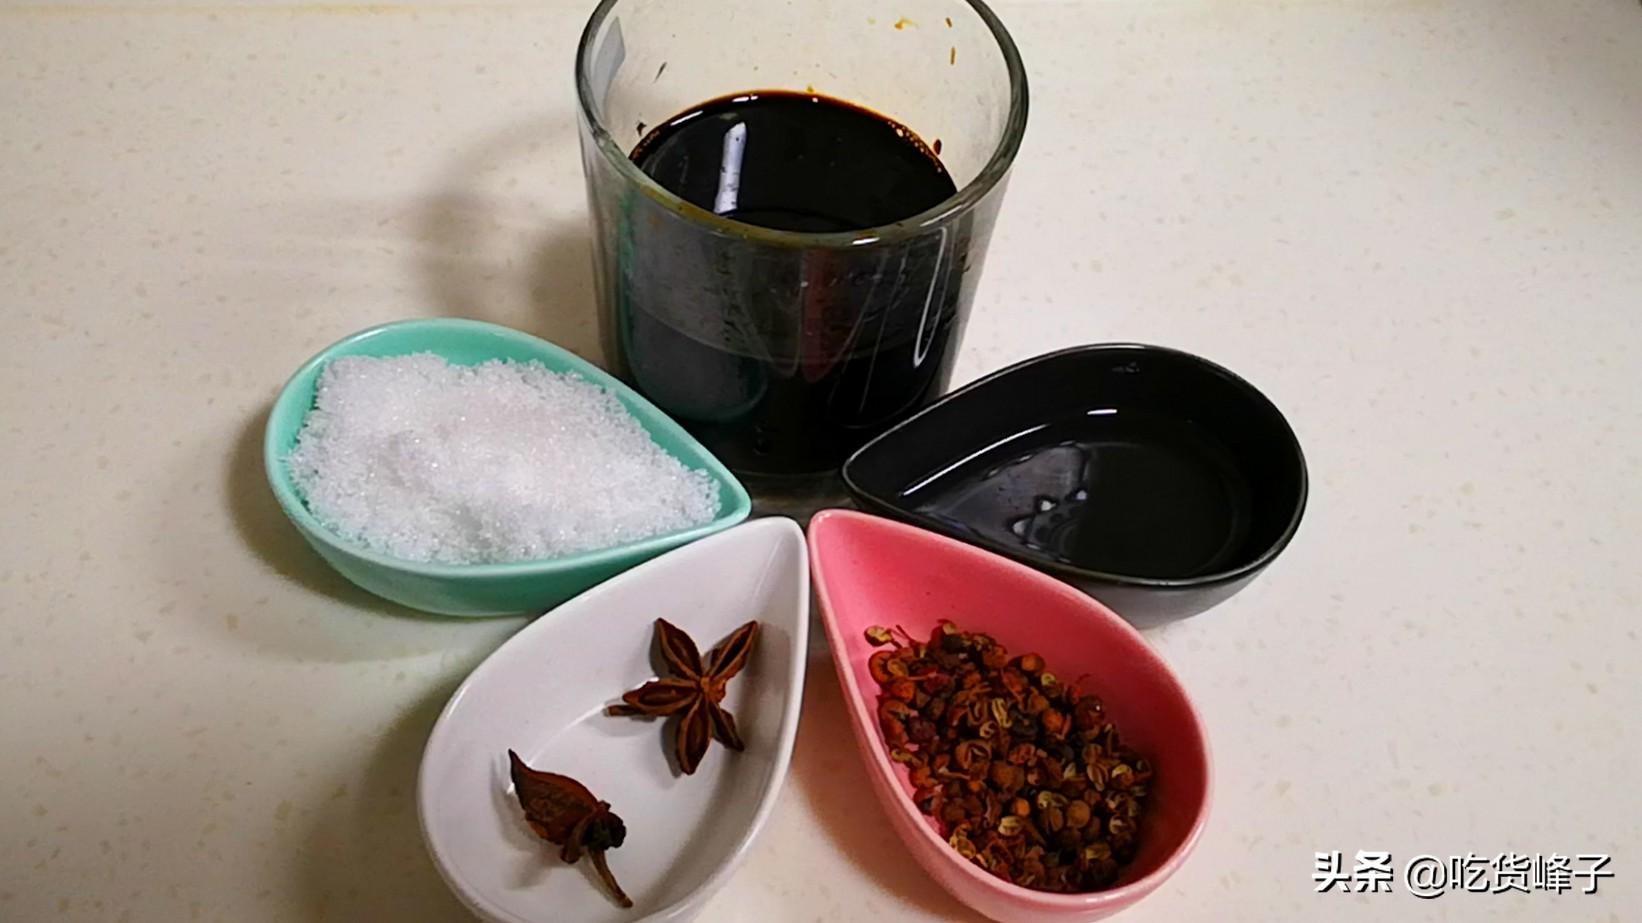 把辣椒放锅里煮一煮,没想到这么好吃,我家3天2头吃,香辣下饭 美食做法 第7张